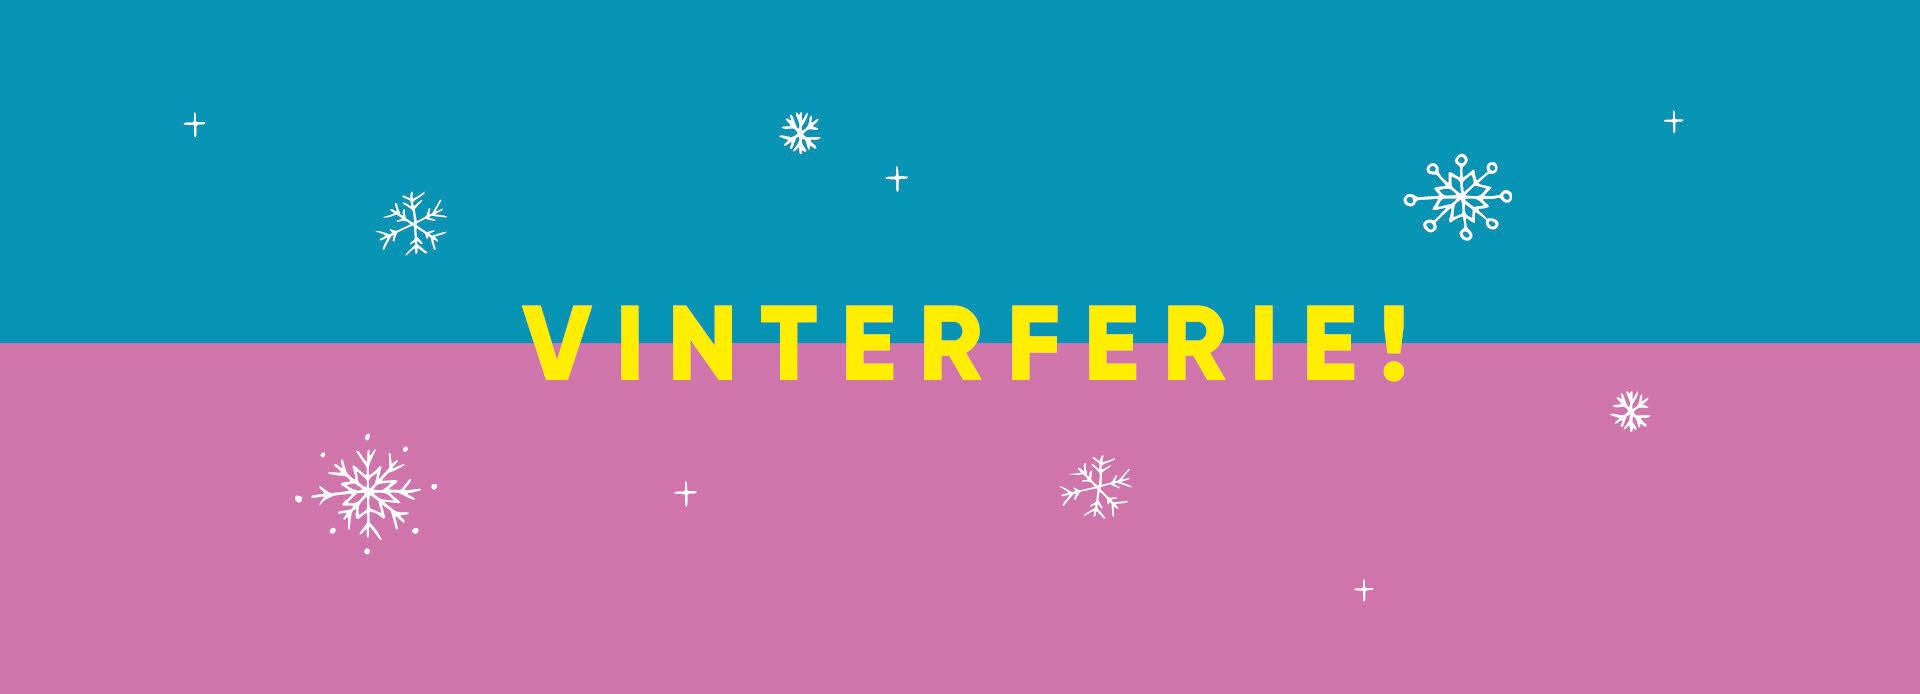 """blå og lilla bakgrunn med hvite snøfnugg og gul tekst """"vinterferie"""""""